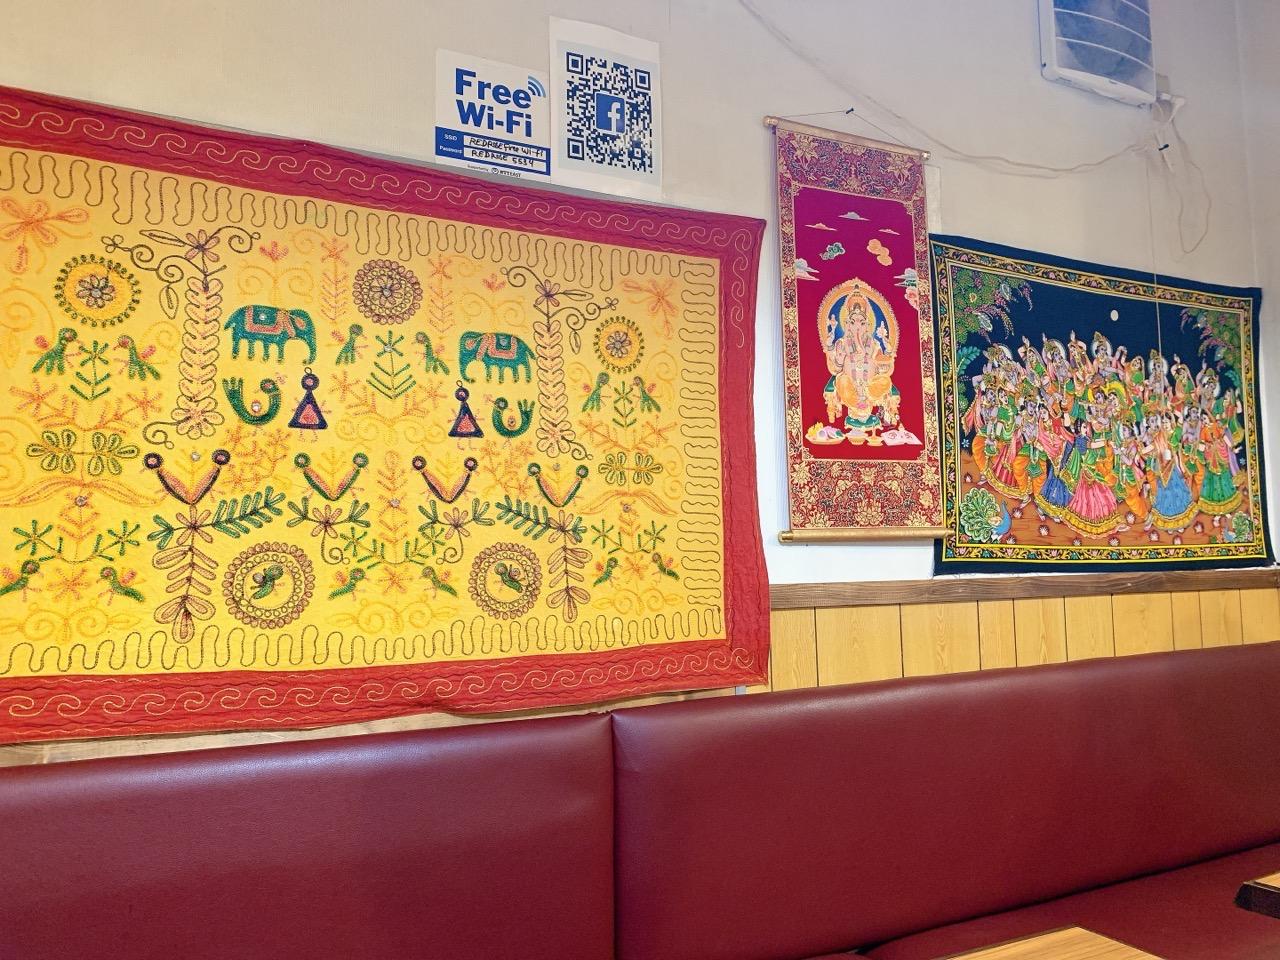 インド料理 レッドローズの雰囲気